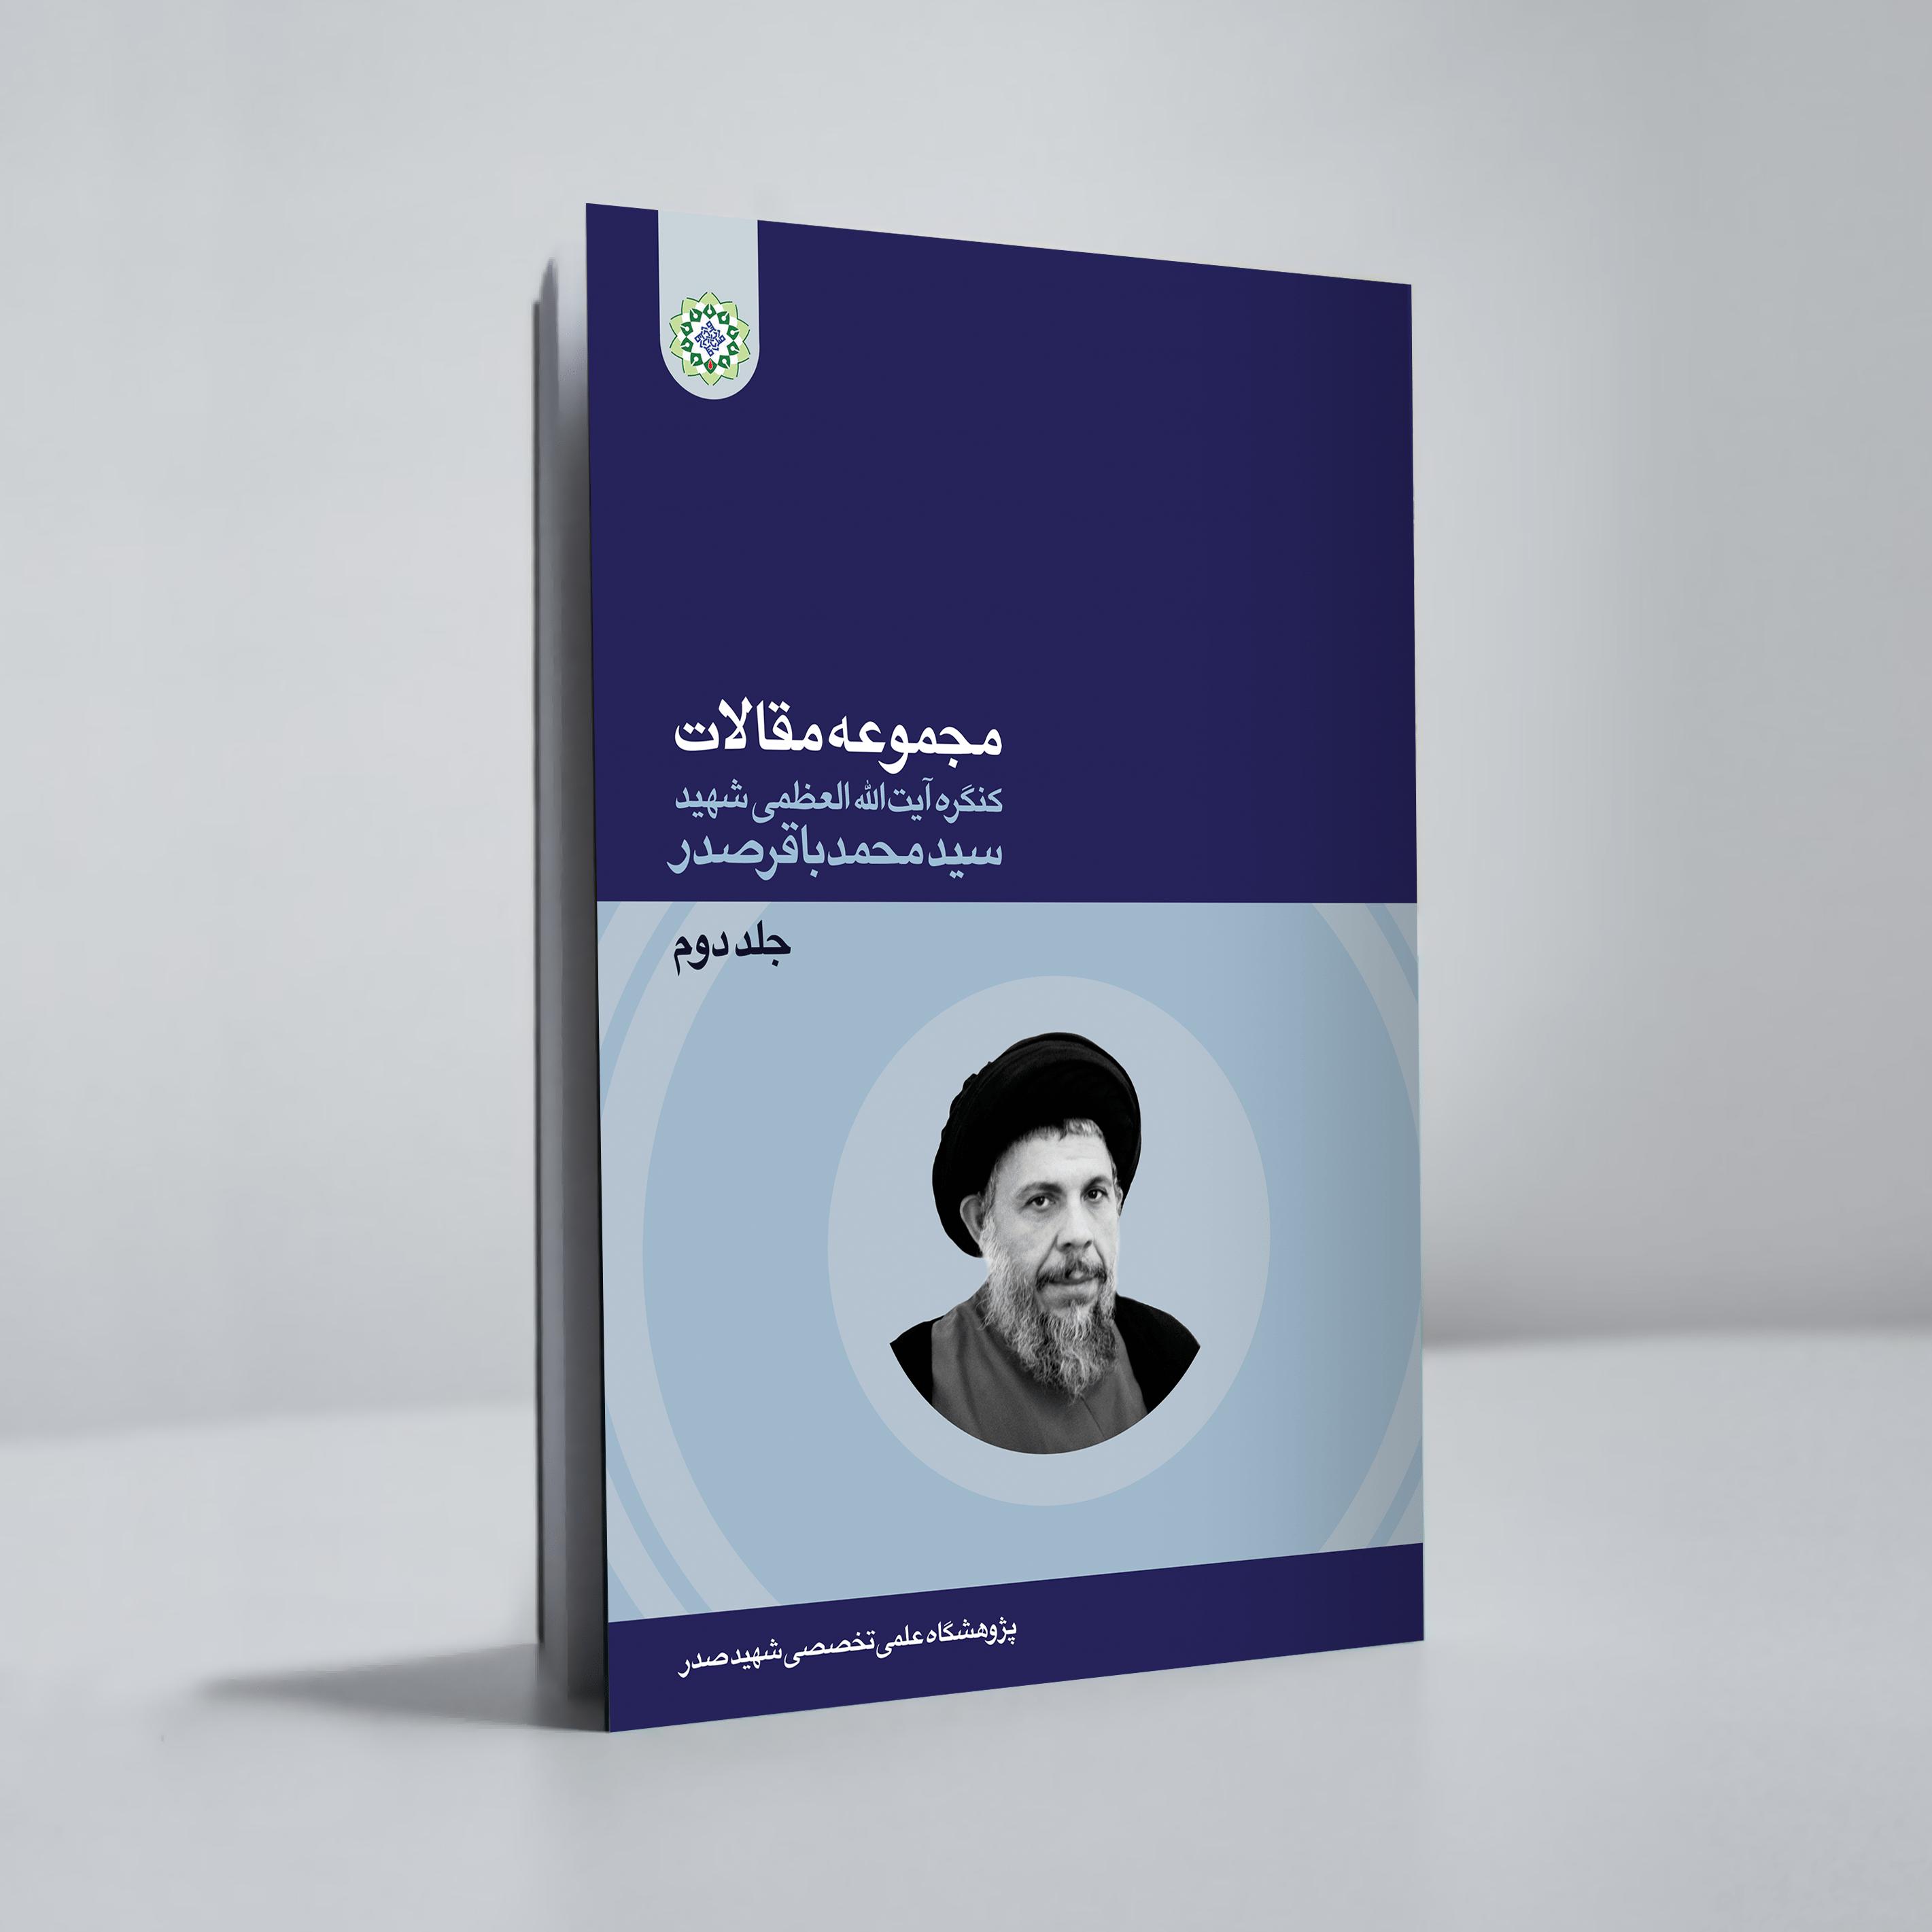 مجموعه مقالات کنگره شهید سید محمد باقر صدر (2-1)